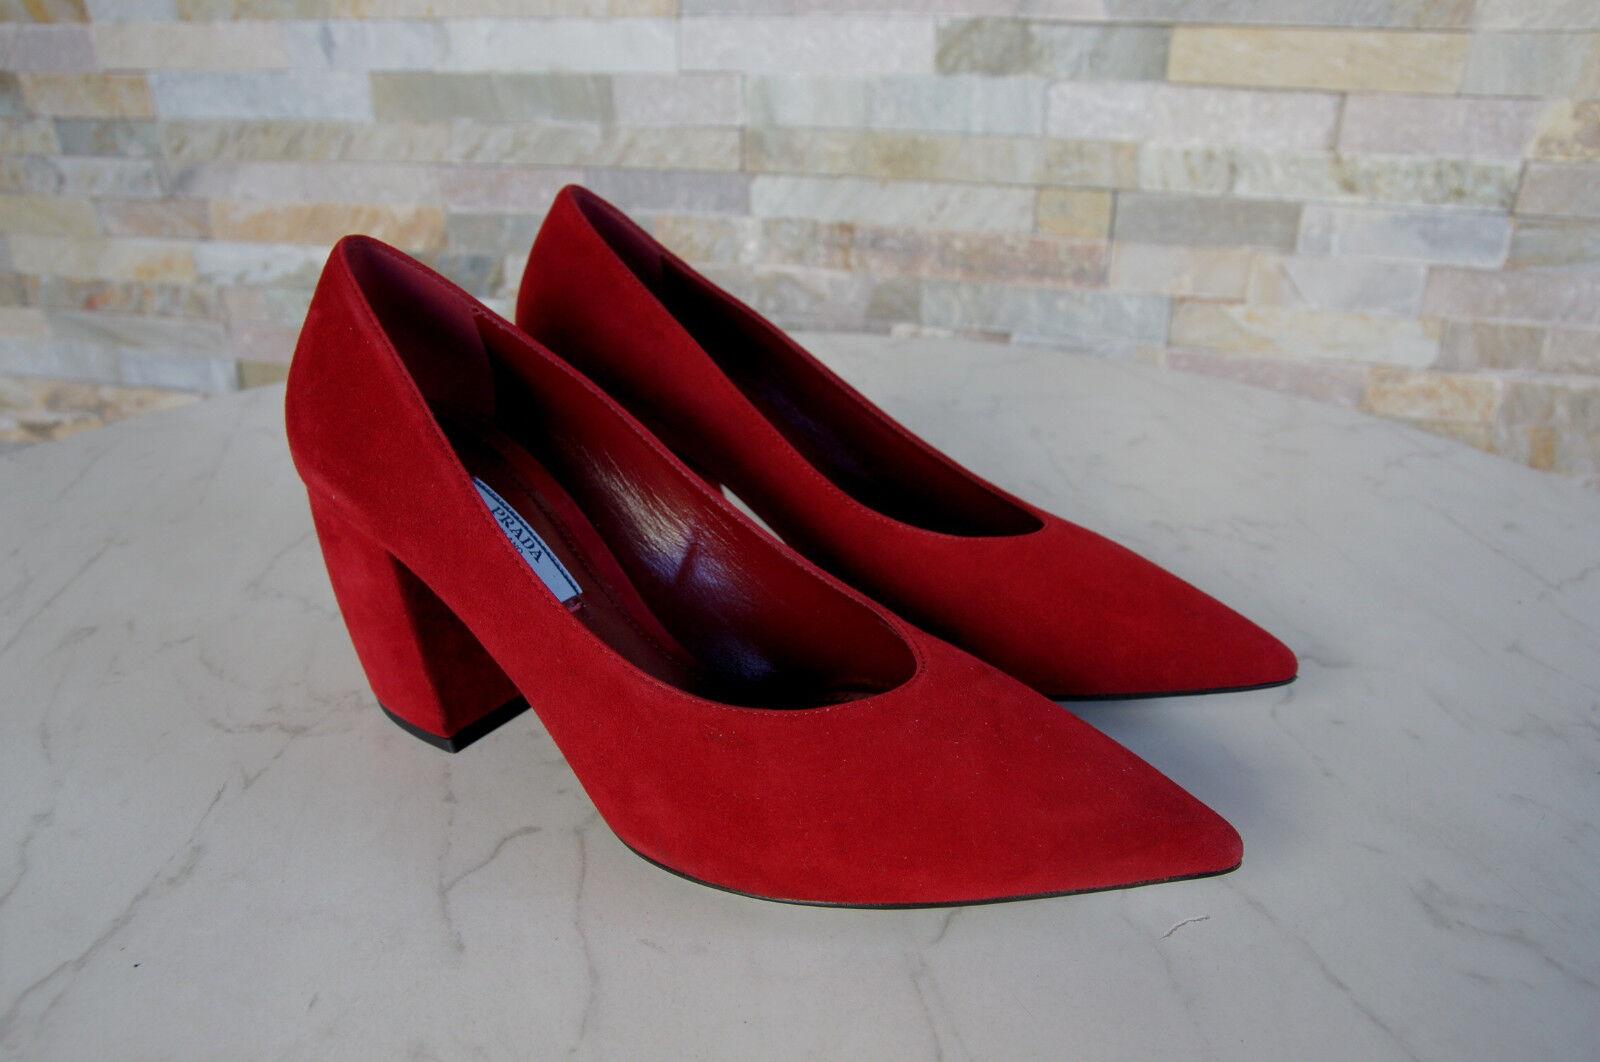 De Luxe Prada Taille 37,5 Escarpins Escarpins Escarpins Chaussures Talons Hauts 1I762H Rouge violet fbf0d2